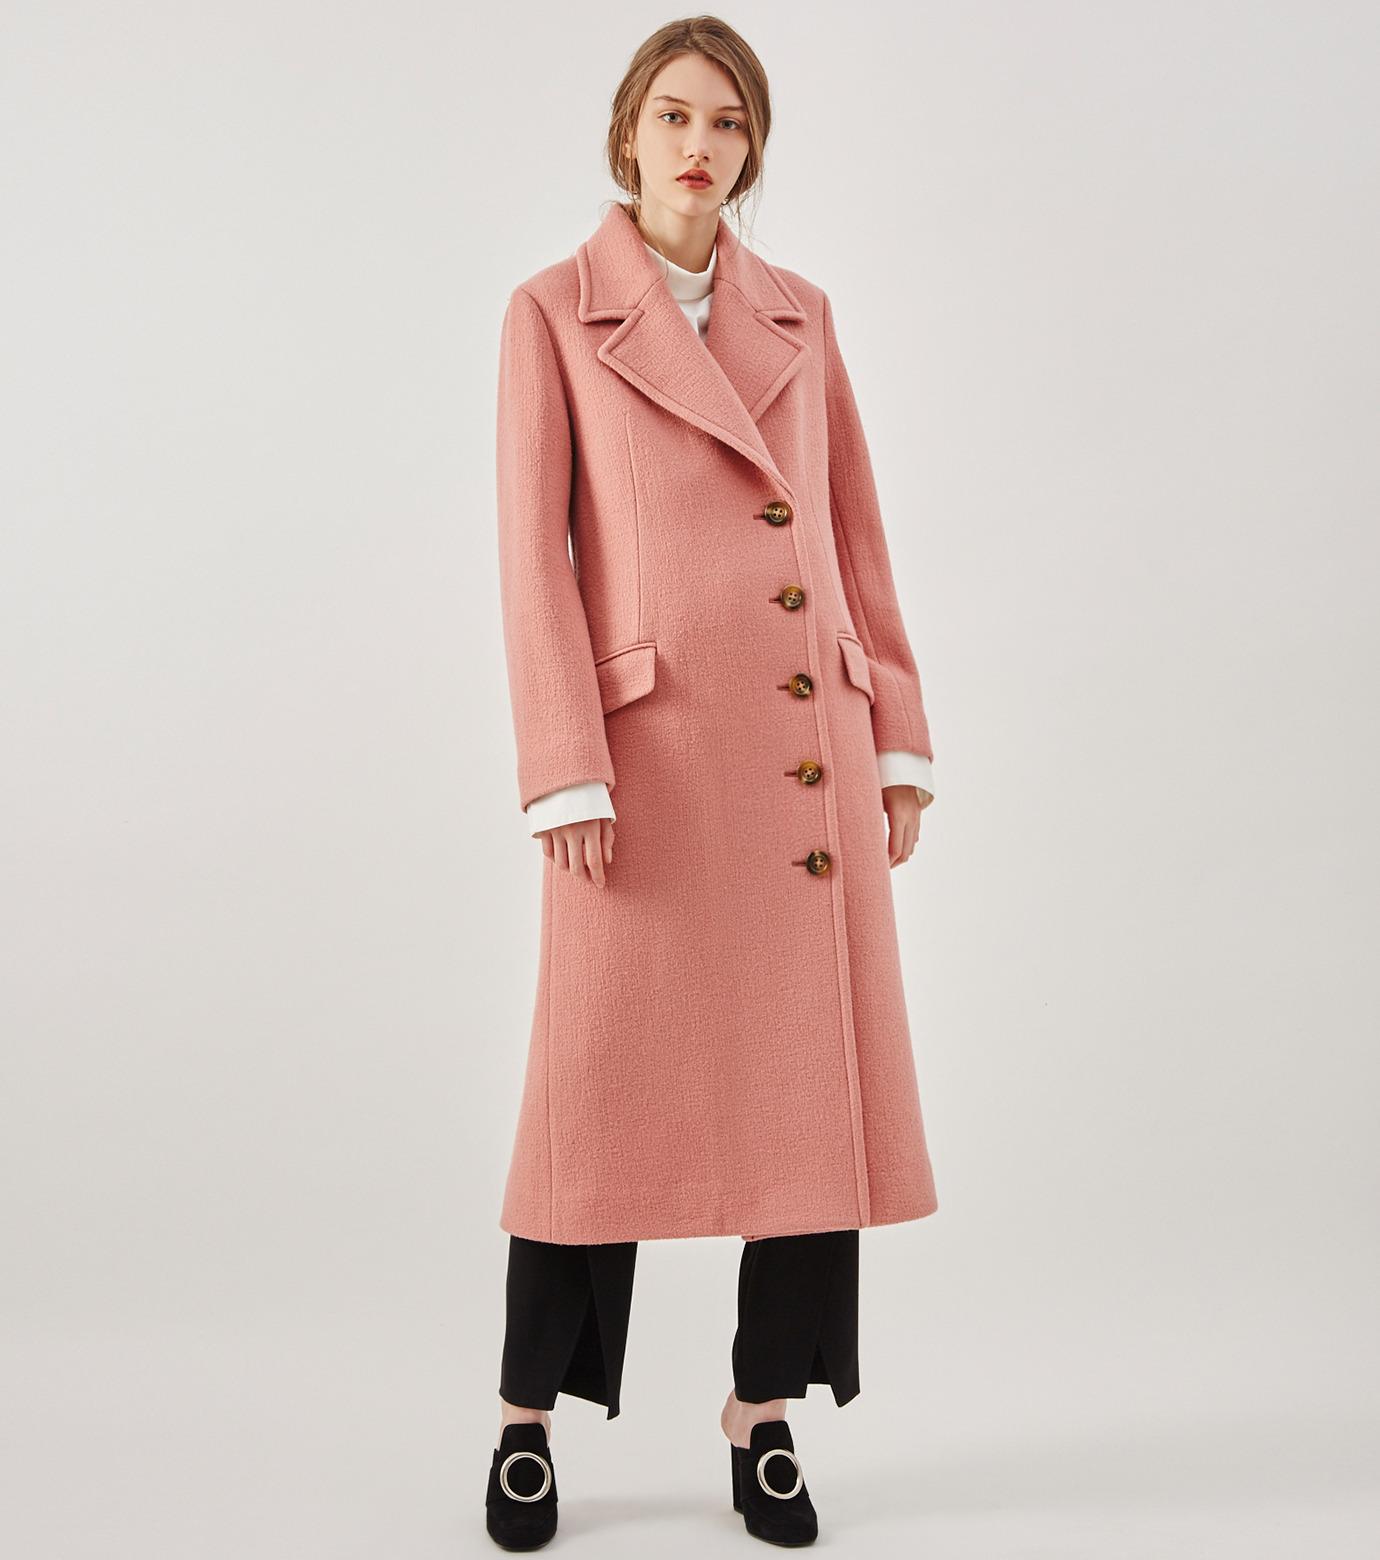 LE CIEL BLEU(ルシェルブルー)のナッピングウールレディーコート-SALMON PINK(コート/coat)-18A69716 拡大詳細画像2